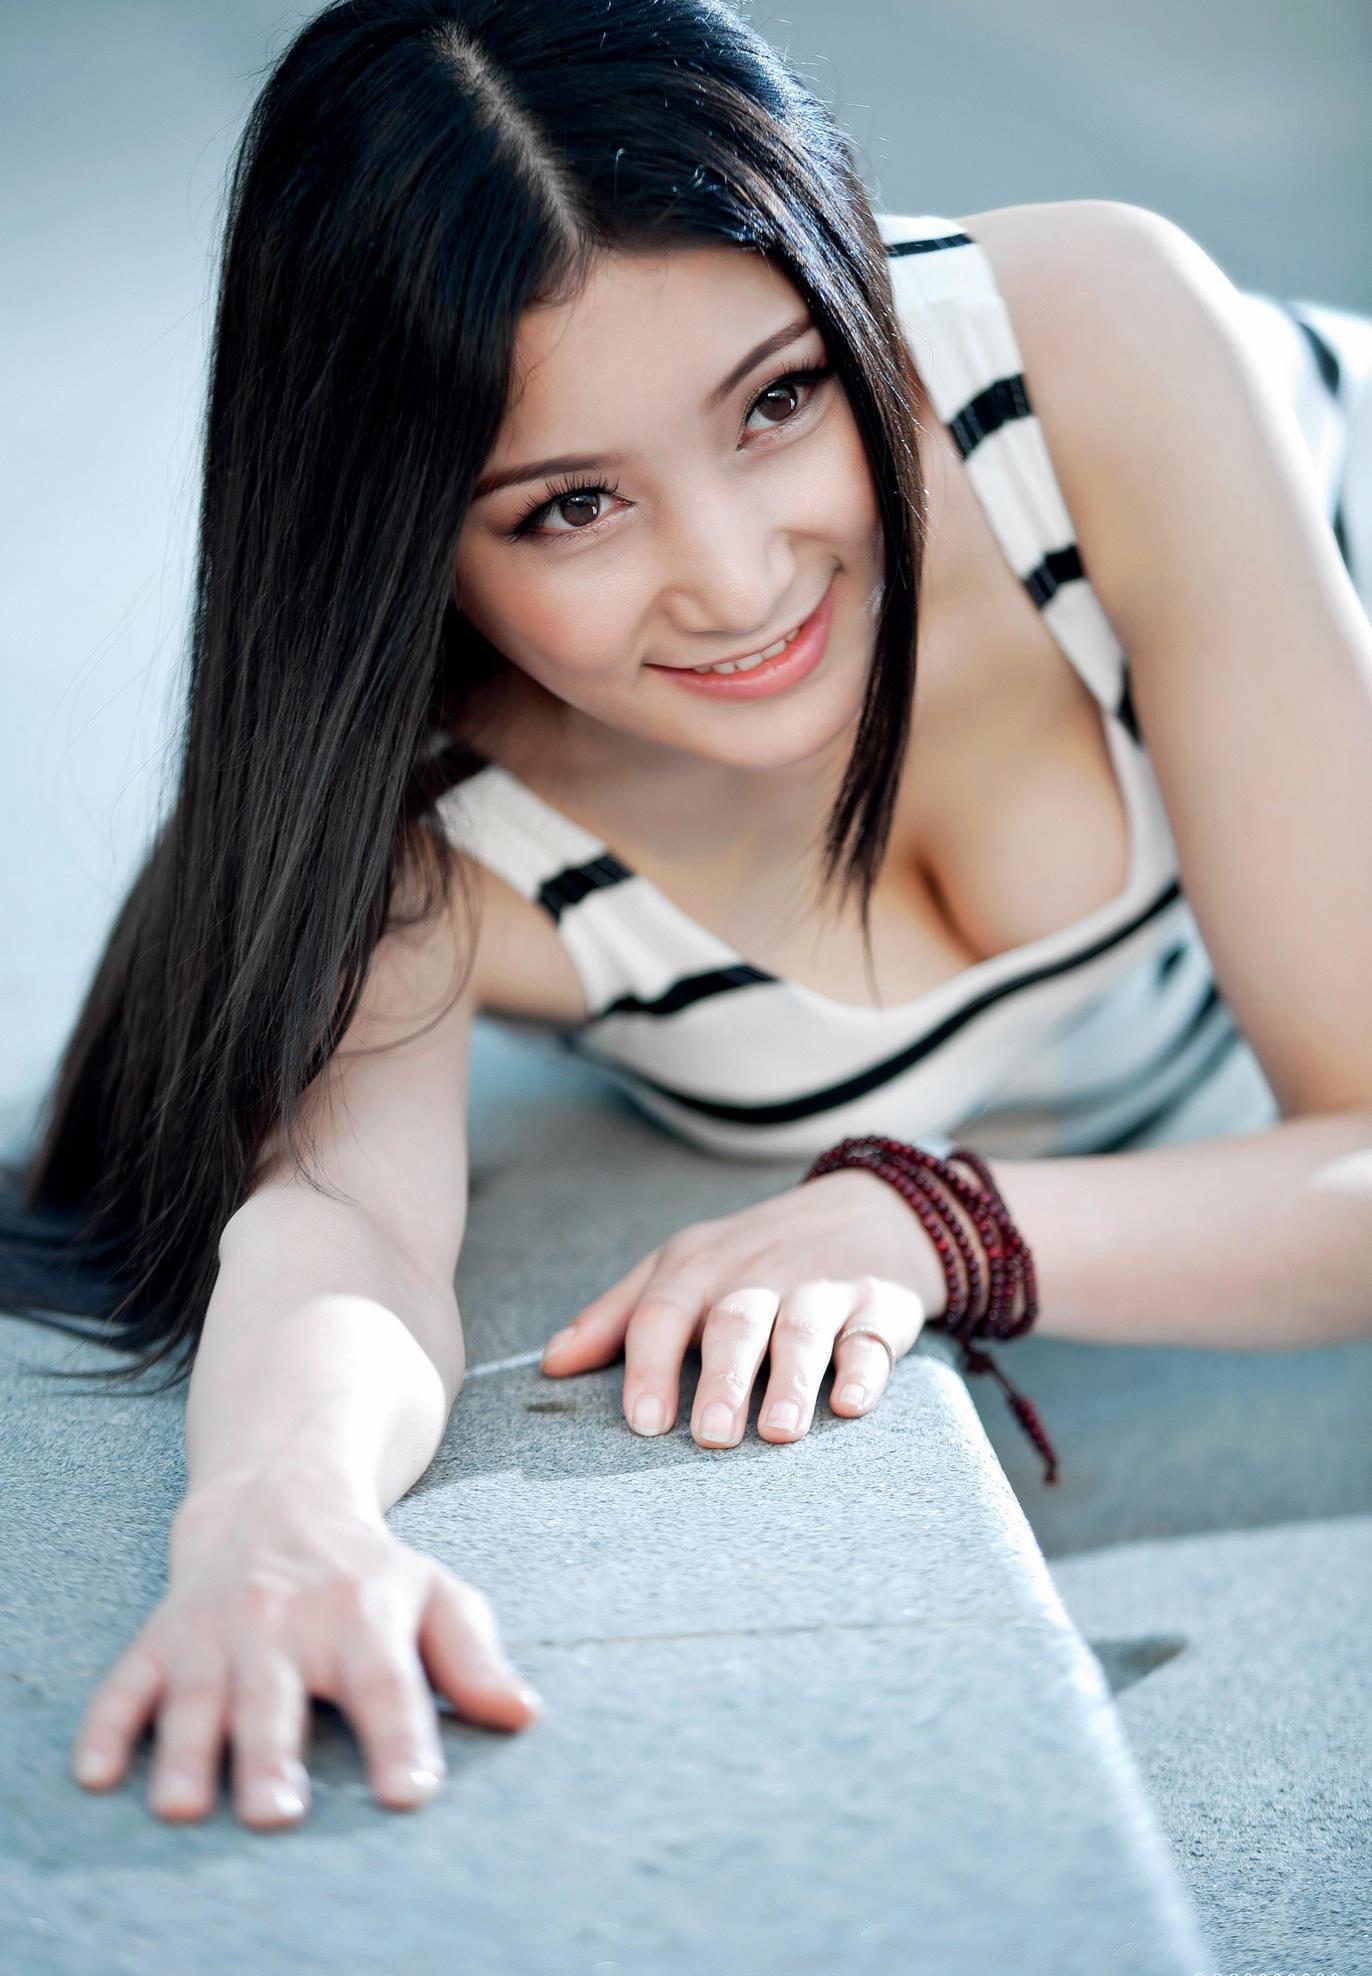 乌黑的长发,靓靓的美人儿图片